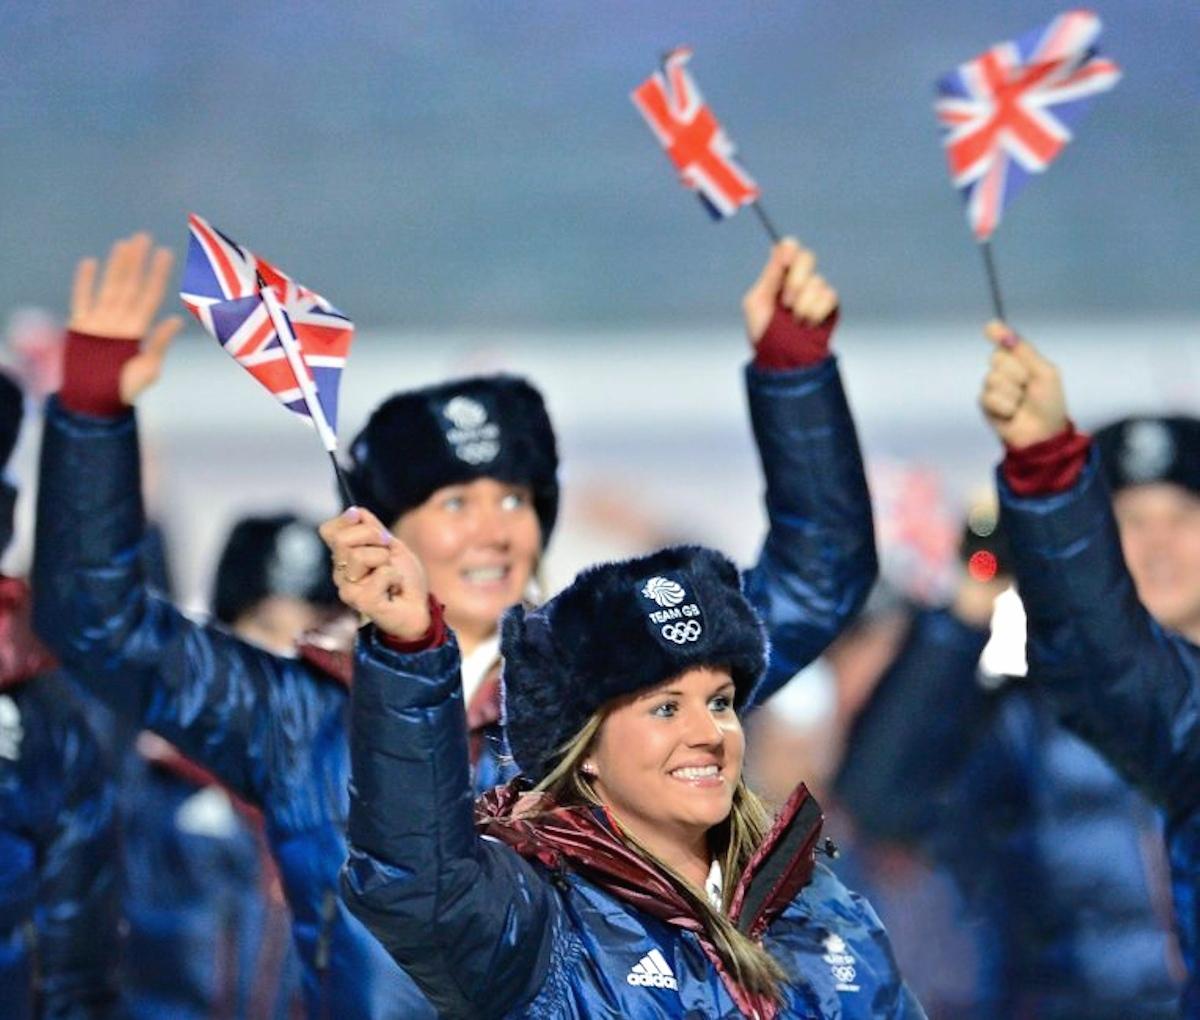 00 Sochi Olympics 04. 08.01.14